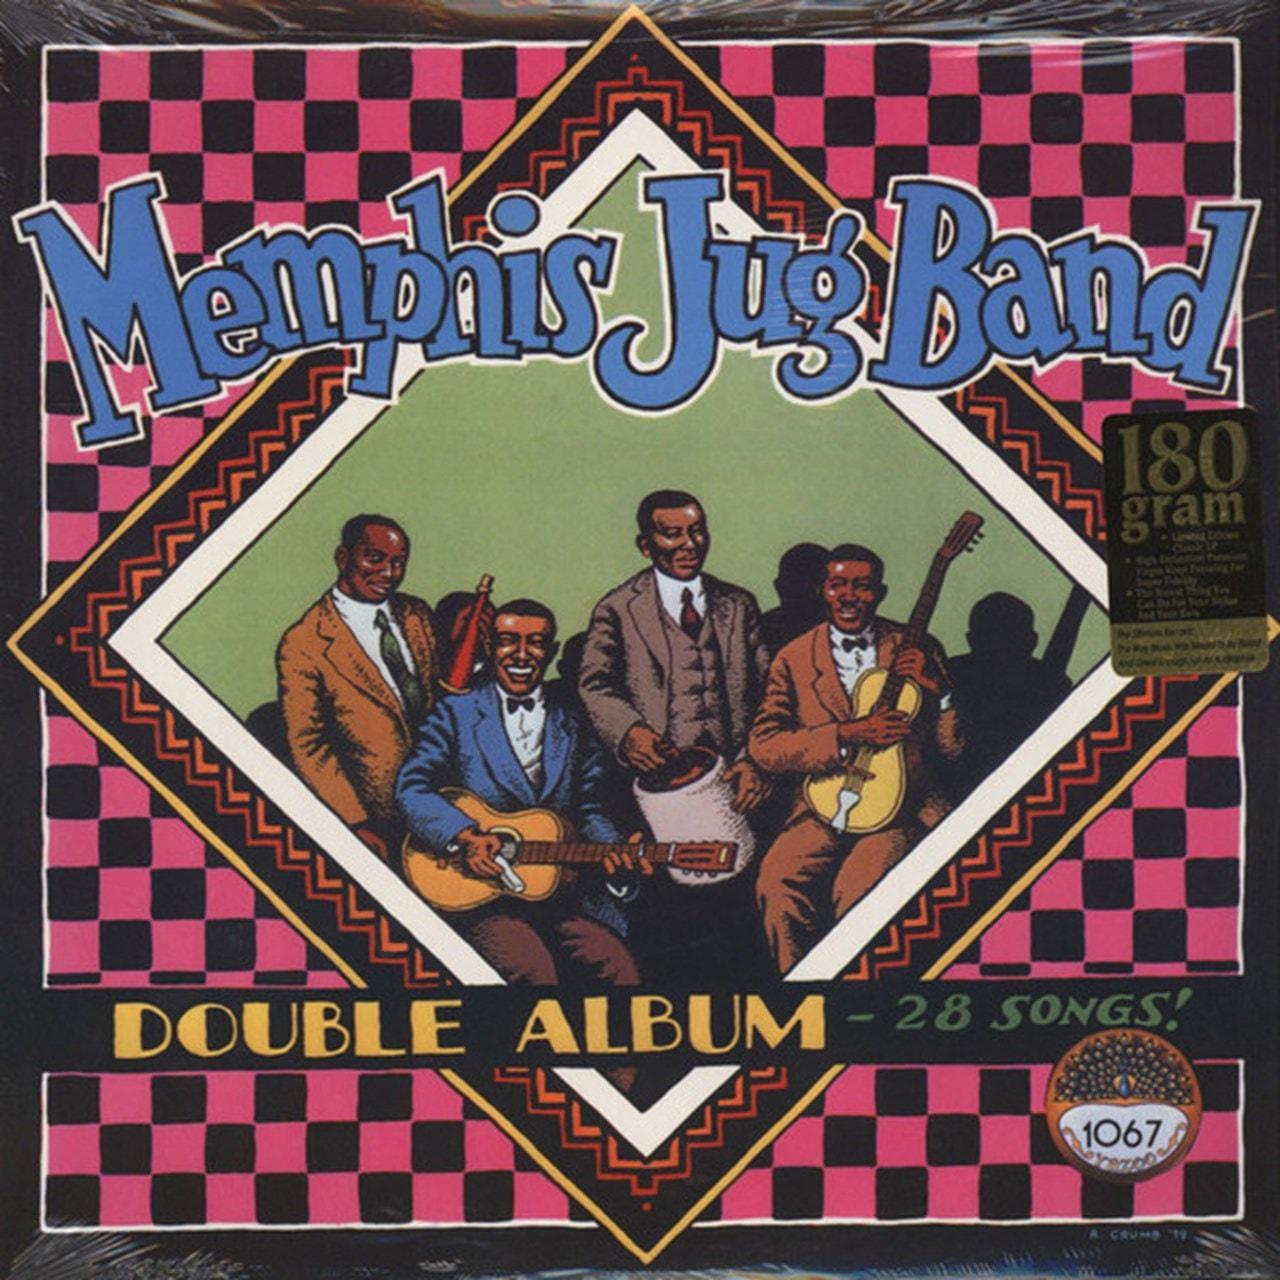 Memphis Jug Band - 1